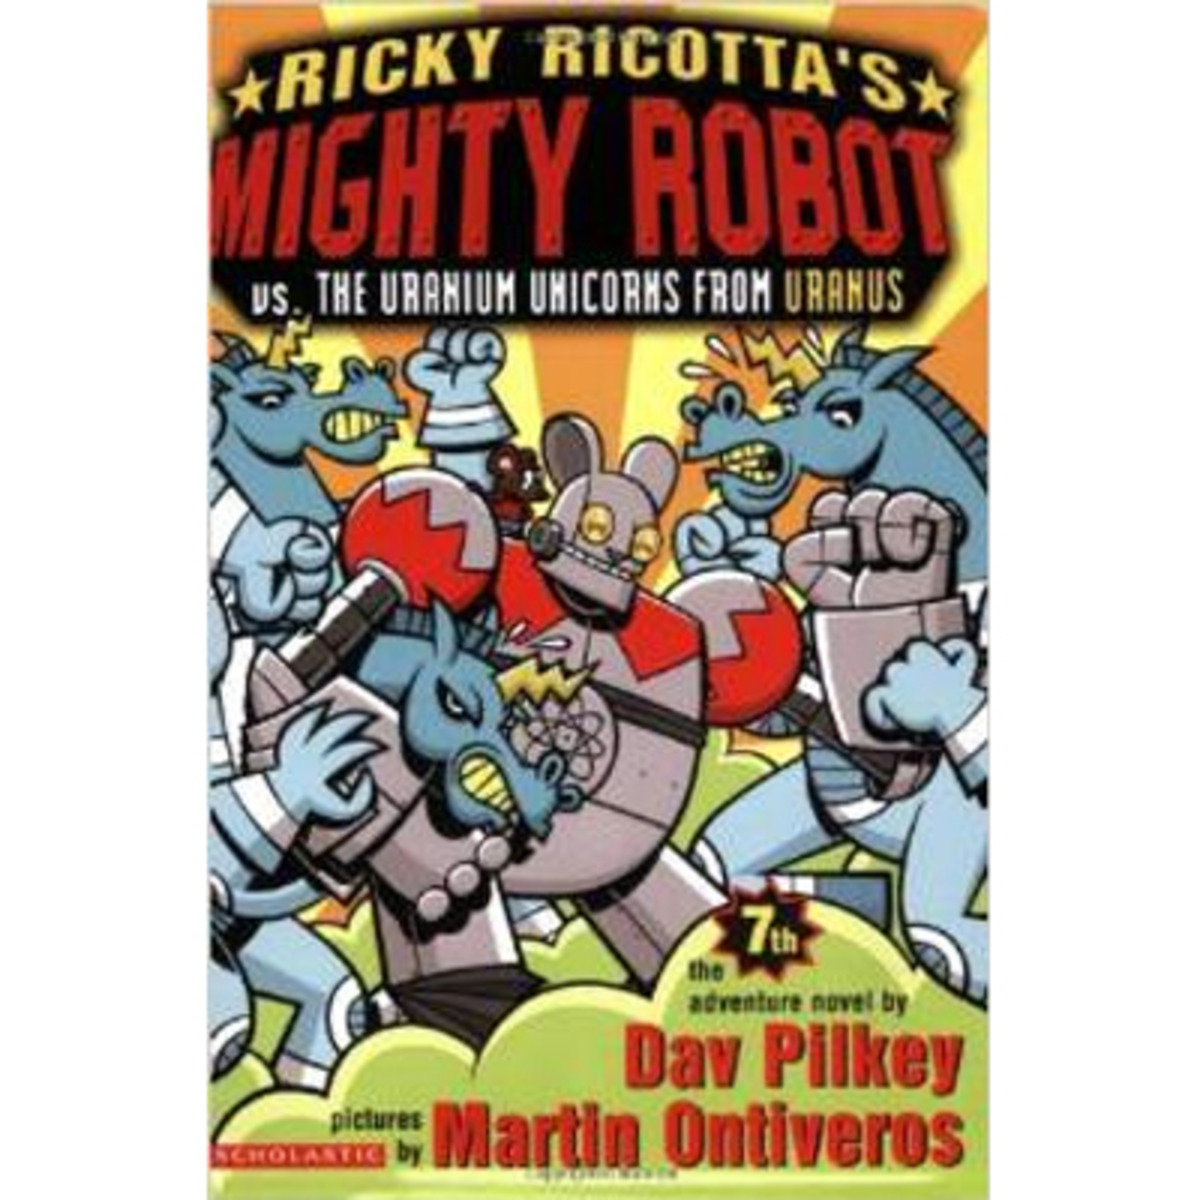 Ricky Ricotta's Mighty Robot Vs the Uranium Unicorns from Uranus 9780439376471